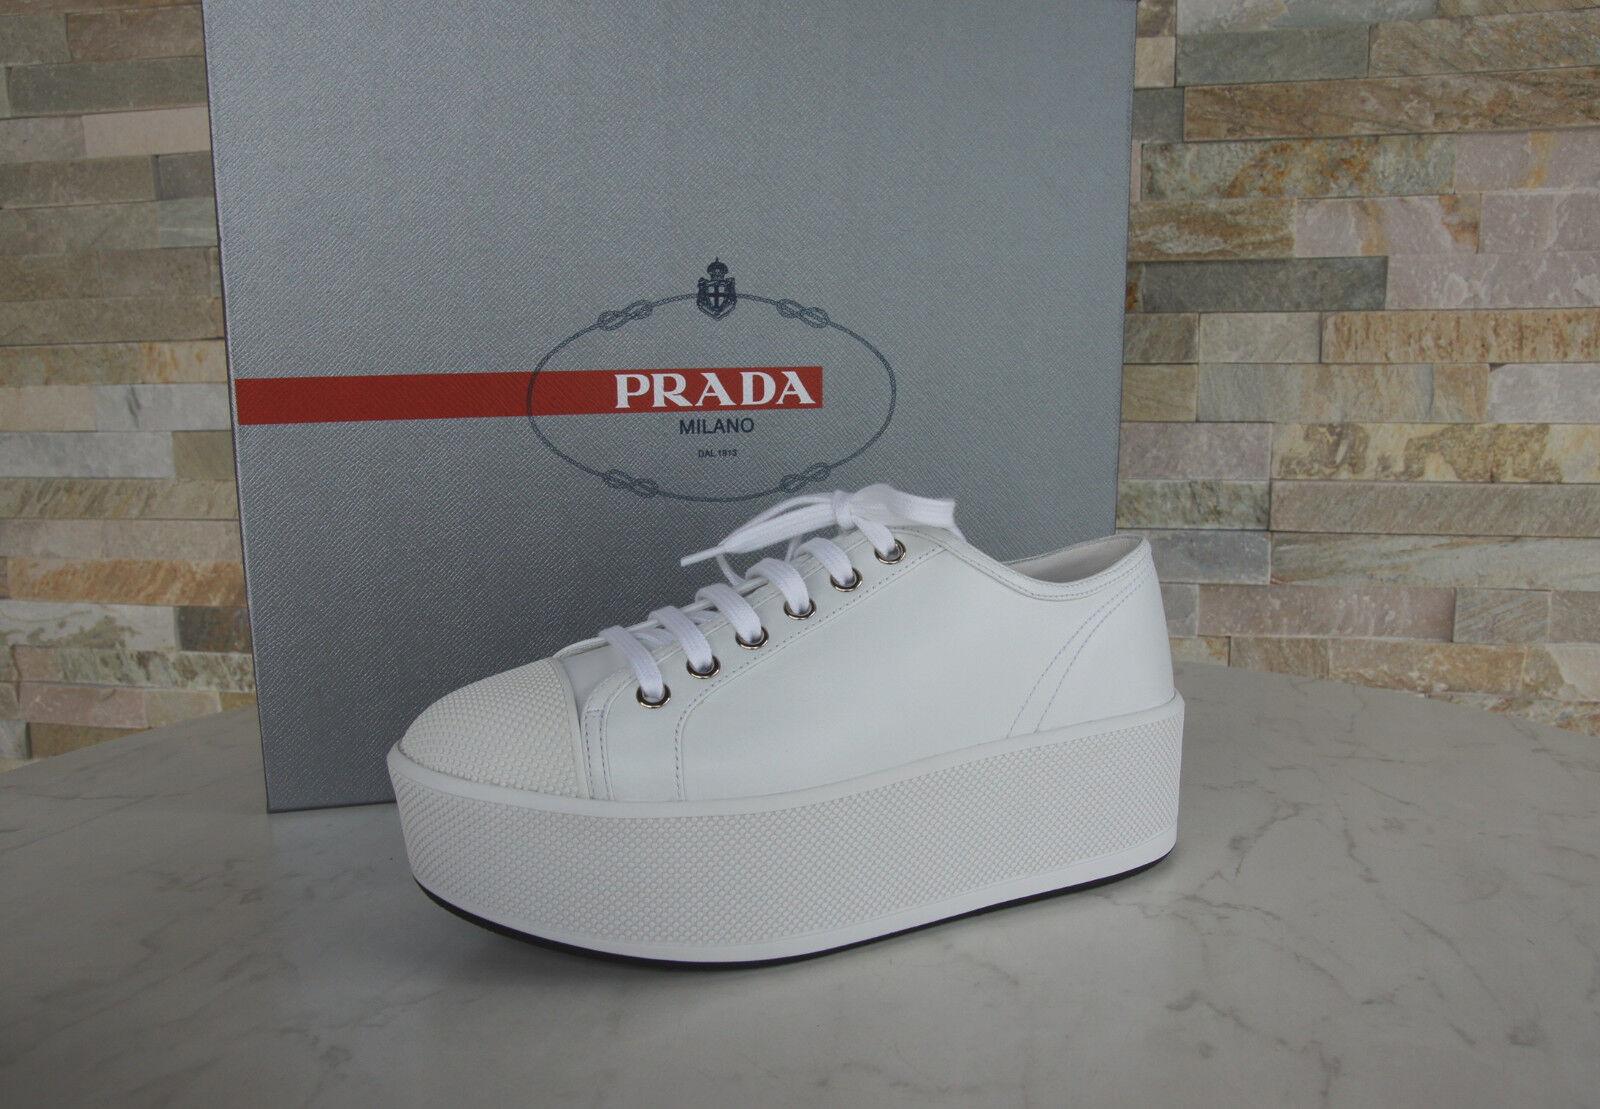 PRADA T 37,5 Plateforme Chaussure Lacée Baskets 3e6266 Chaussures Blanc Nouveau ehemuvp